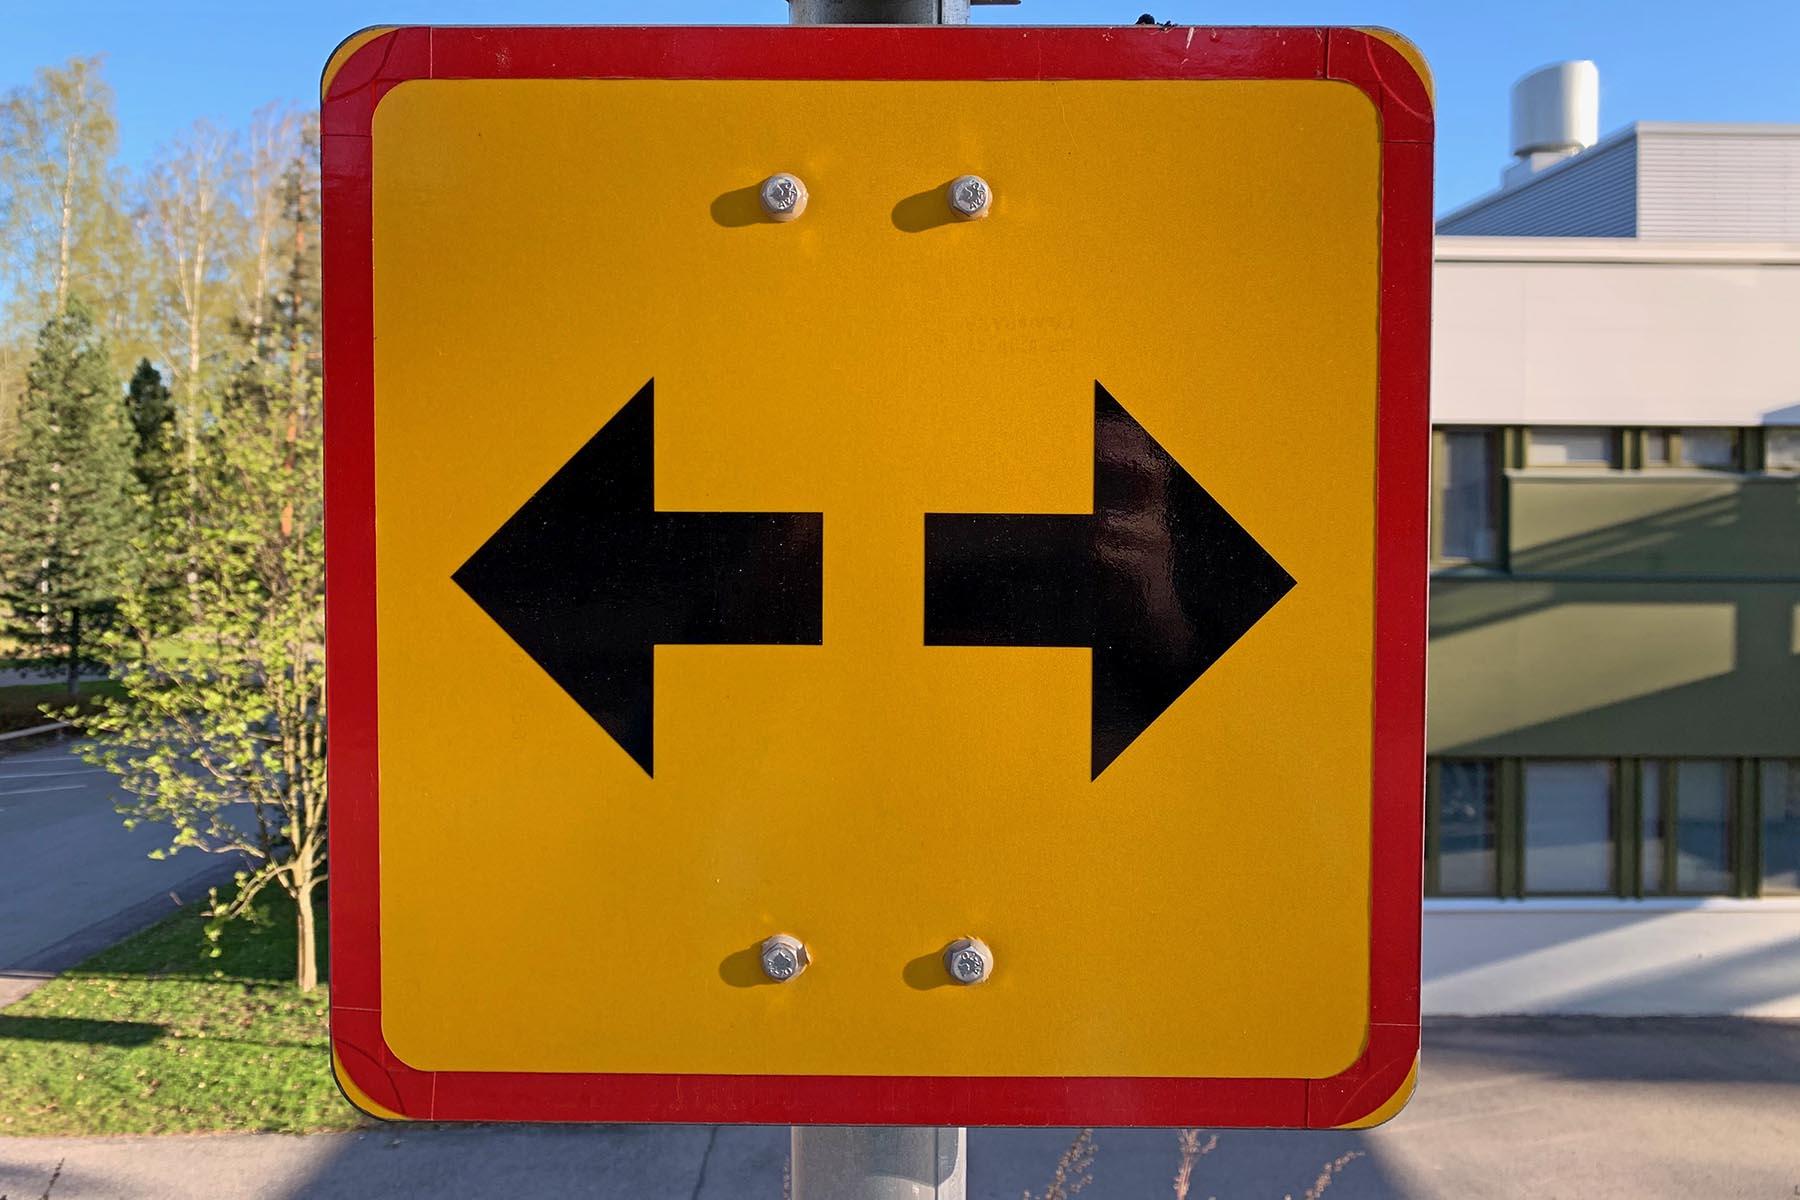 Keltaisessa liikennemerkissä on kaksi mustaa nuolta, toinen osoittaa vasemmalle ja toinen oikealle.